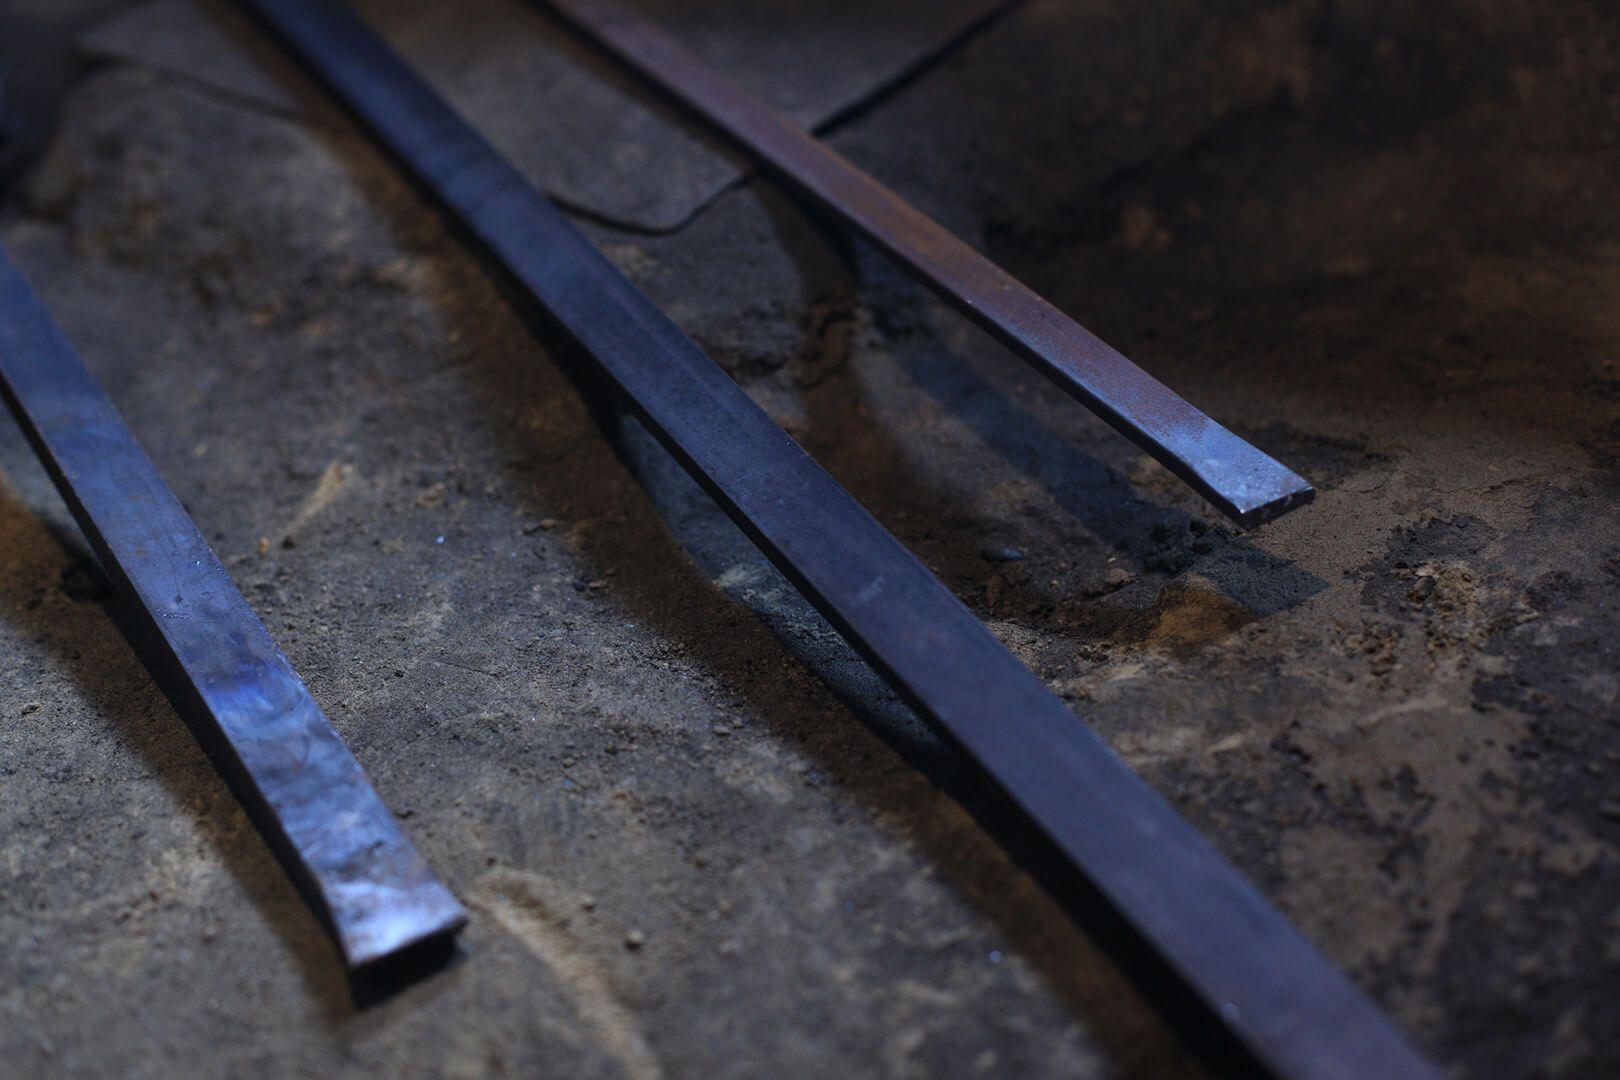 安来鋼 包丁の鋼材